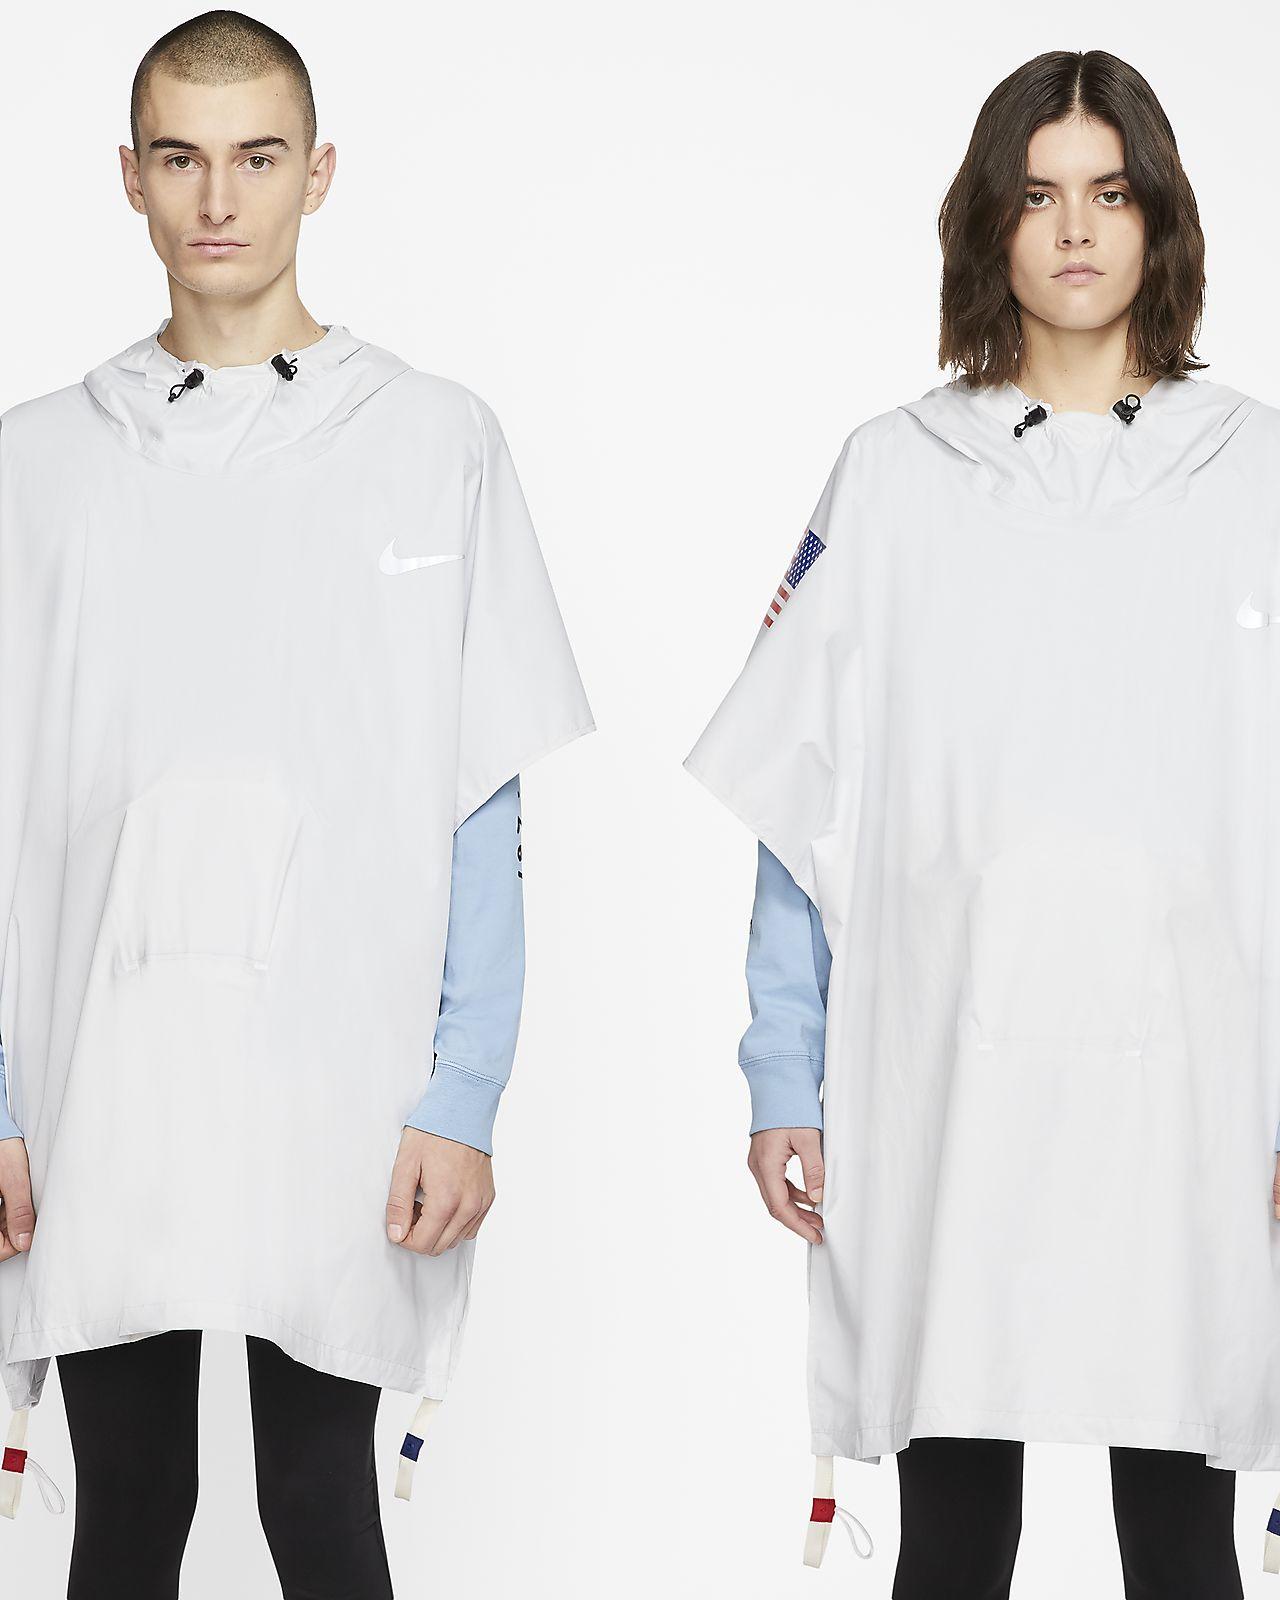 comprar online grandes ofertas precio limitado Nike x Tom Sachs Packable Poncho. Nike.com